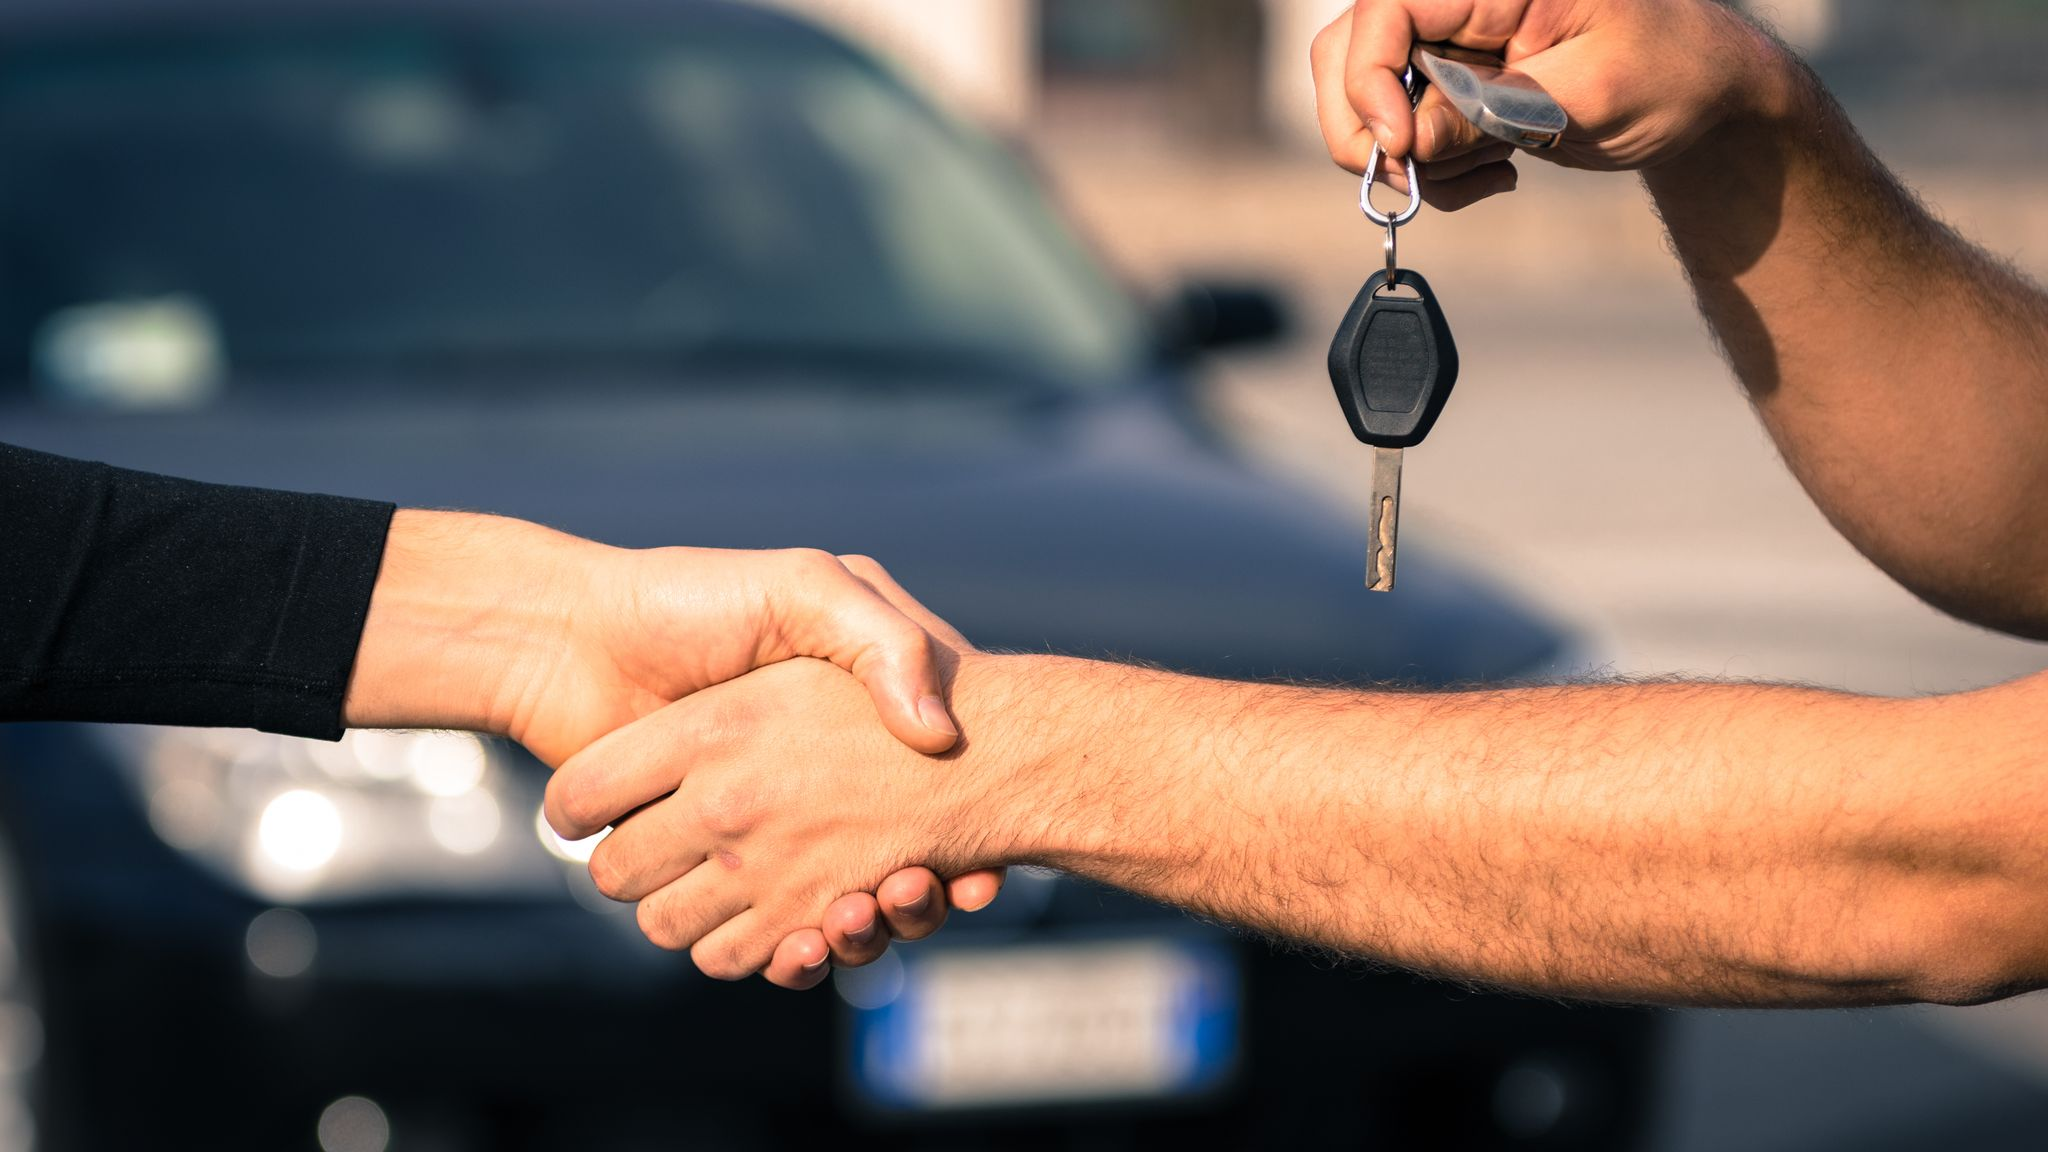 df341c49 15 prosent prøvekjører ikke bilen før de kjøper den og 40 prosent skriver  ikke kontrakt ved eierskifte, ifølge NAF. Shutterstock